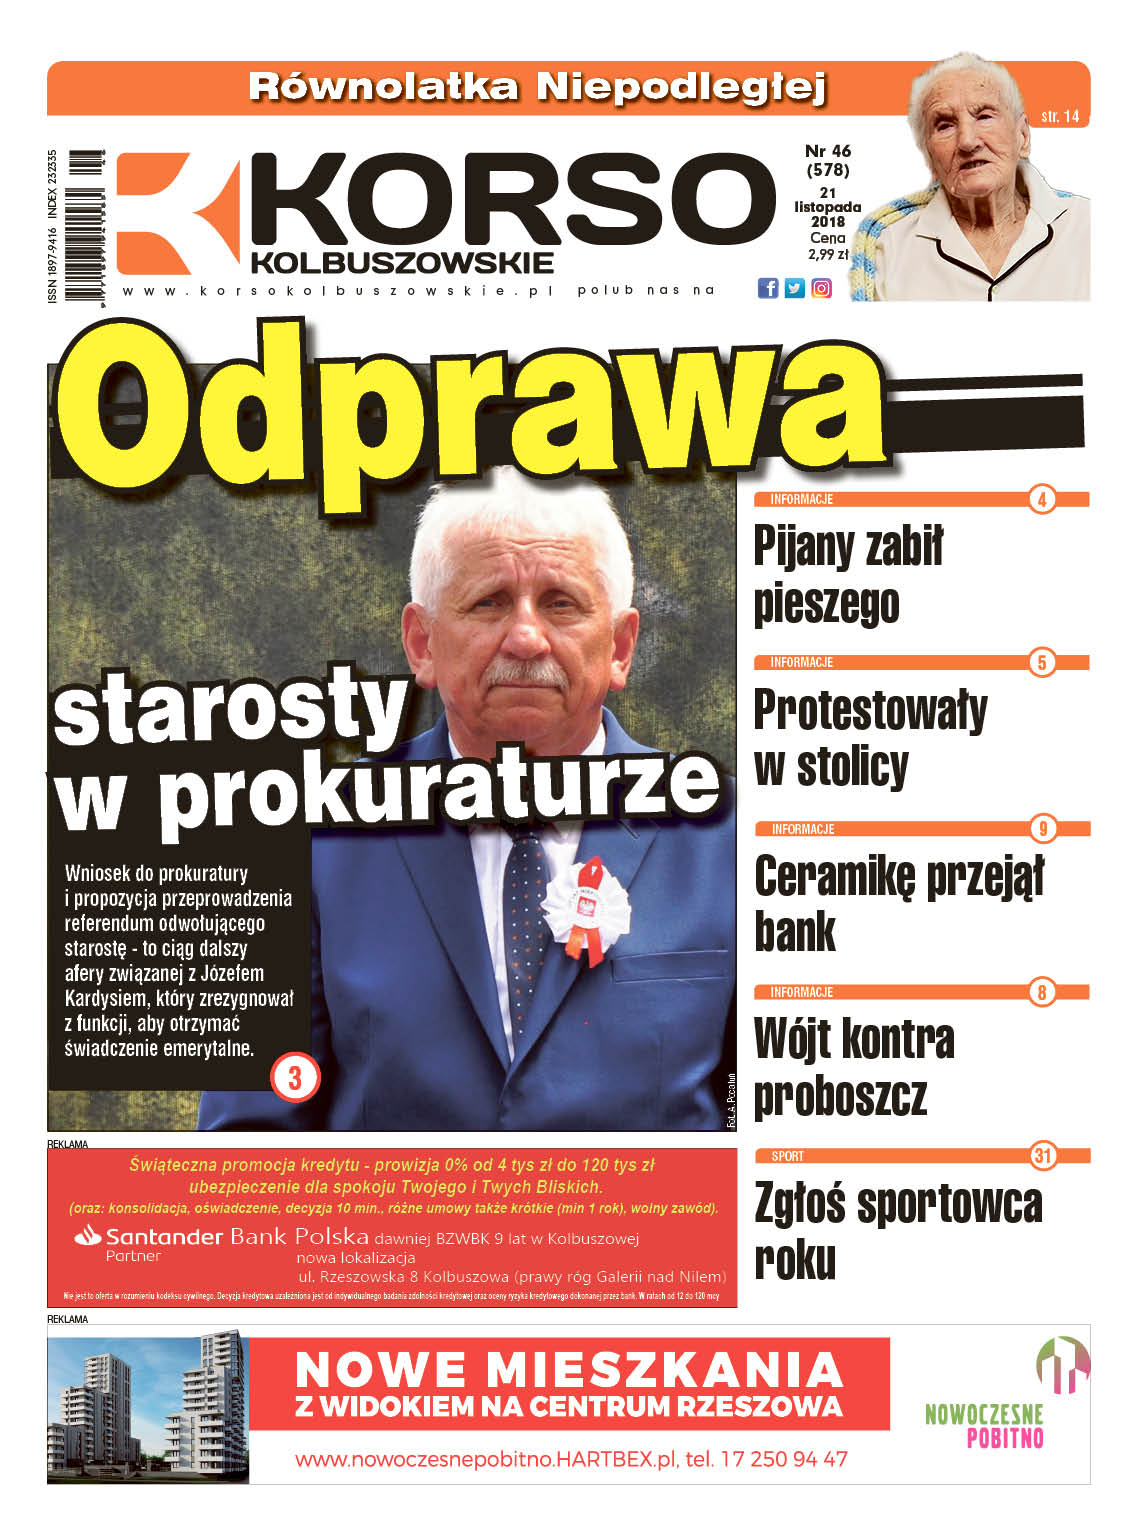 Korso Kolbuszowskie - nr 46/2018 - Zdjęcie główne